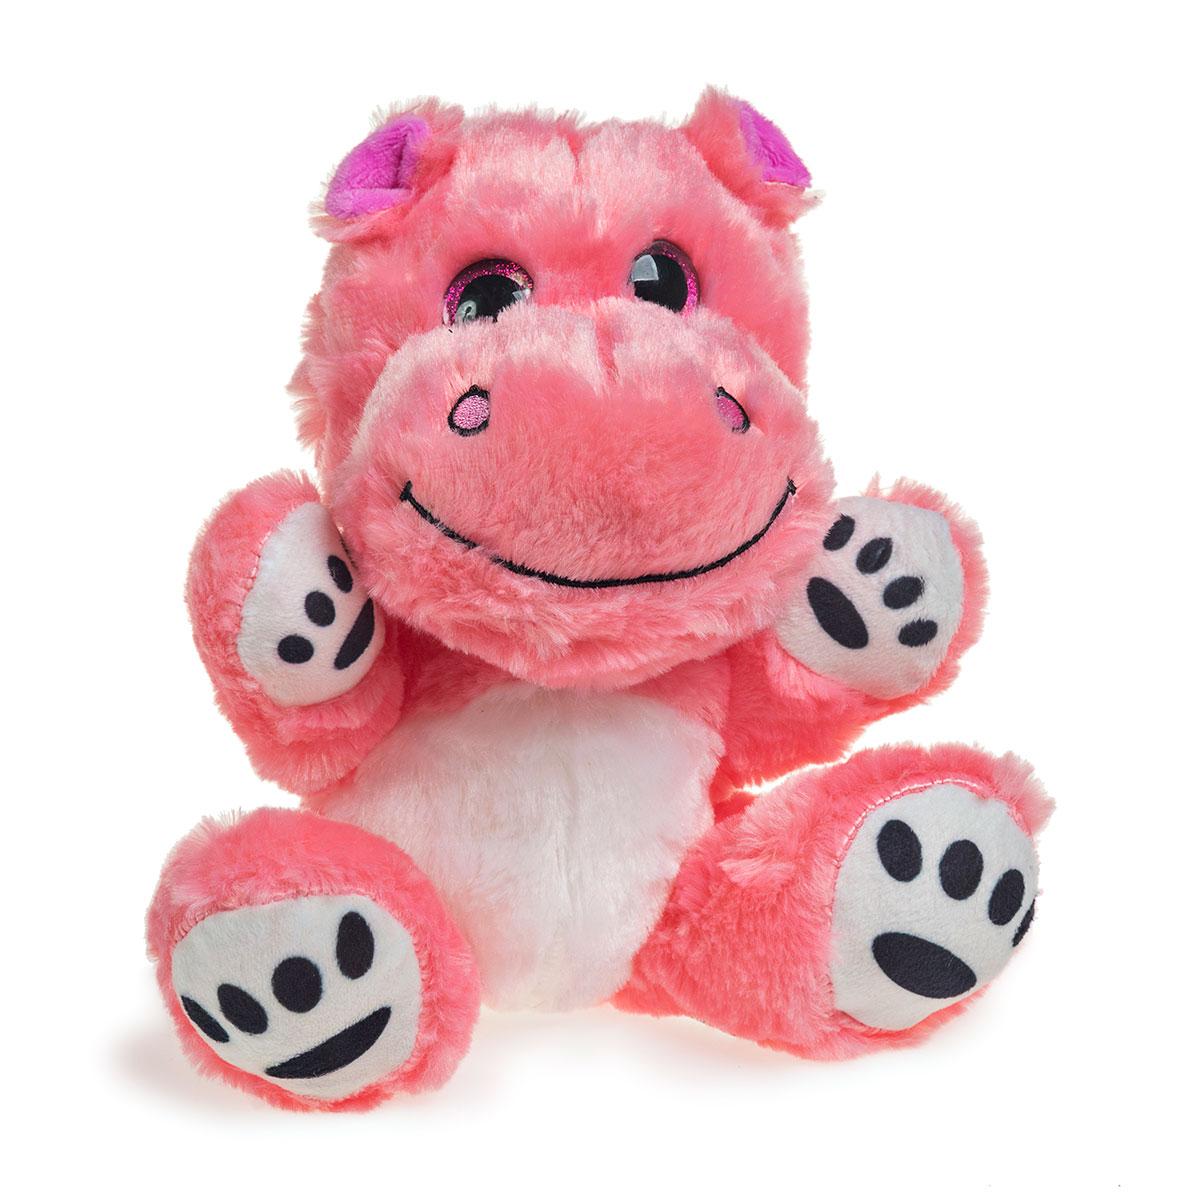 Hipopótamo de Pelúcia Com Olhos Brilhantes 19cm Sentado